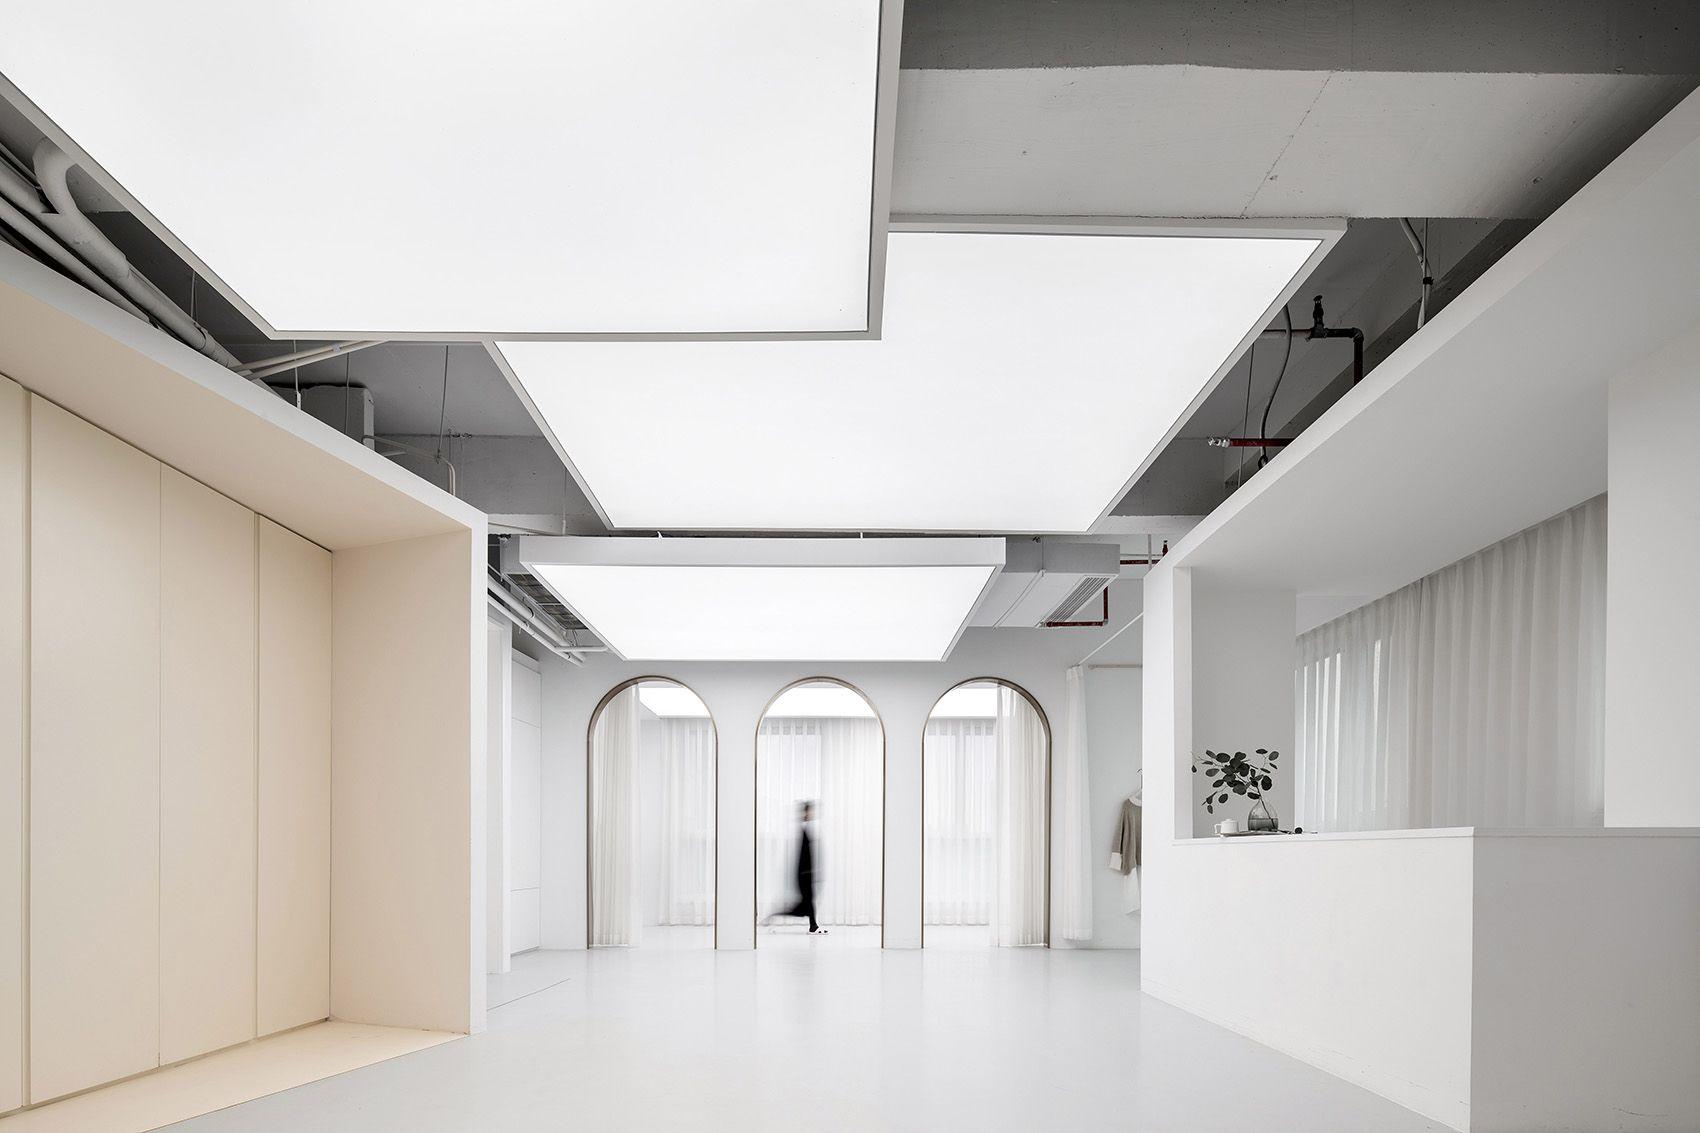 时上建筑设计   一条白裙延伸的办公空间 ! 沈墨 - 9